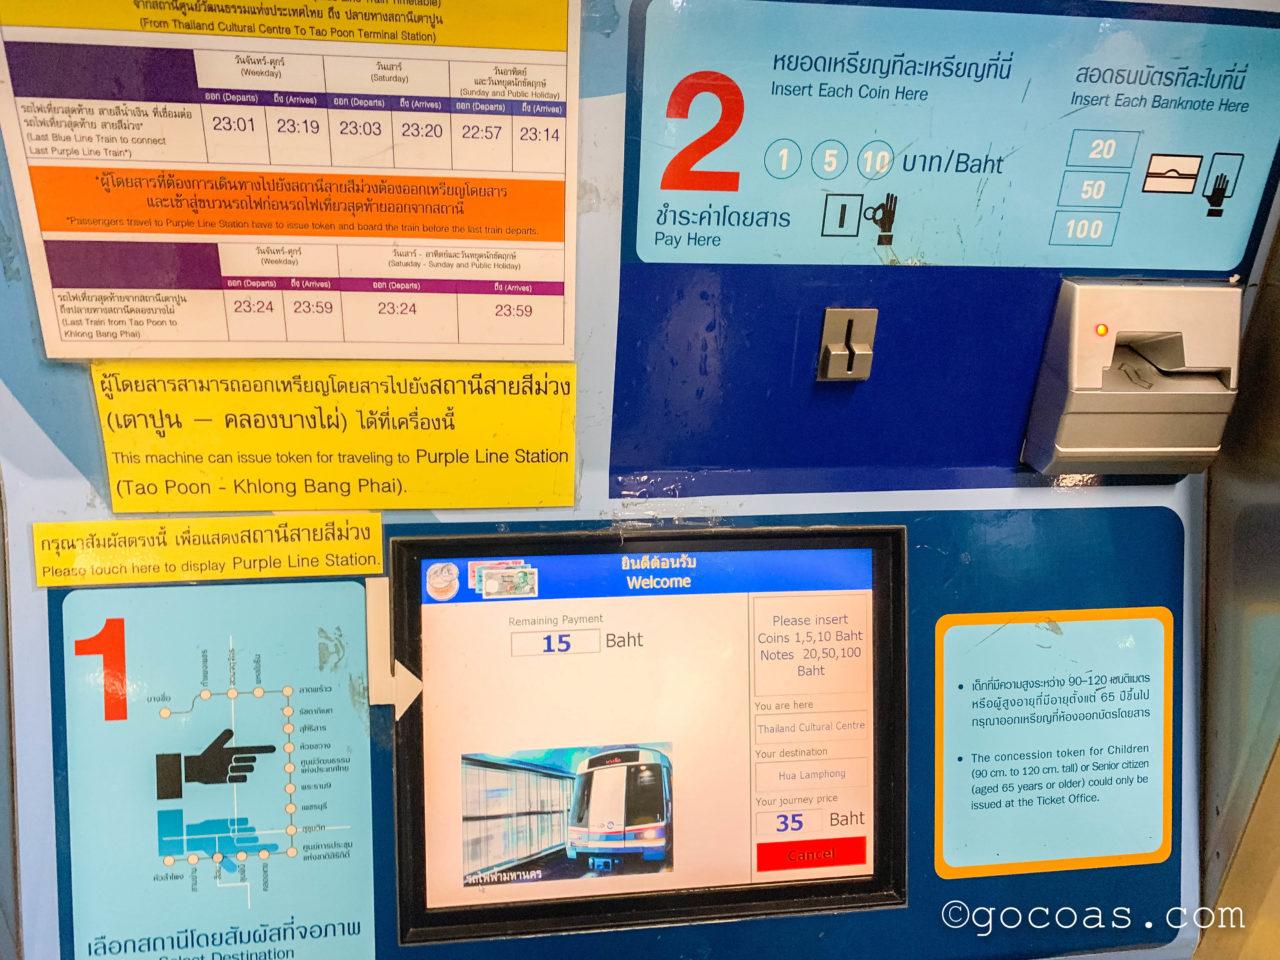 タイ文化センター駅からHua Lamphong駅のきっぷが買える券売機の画面